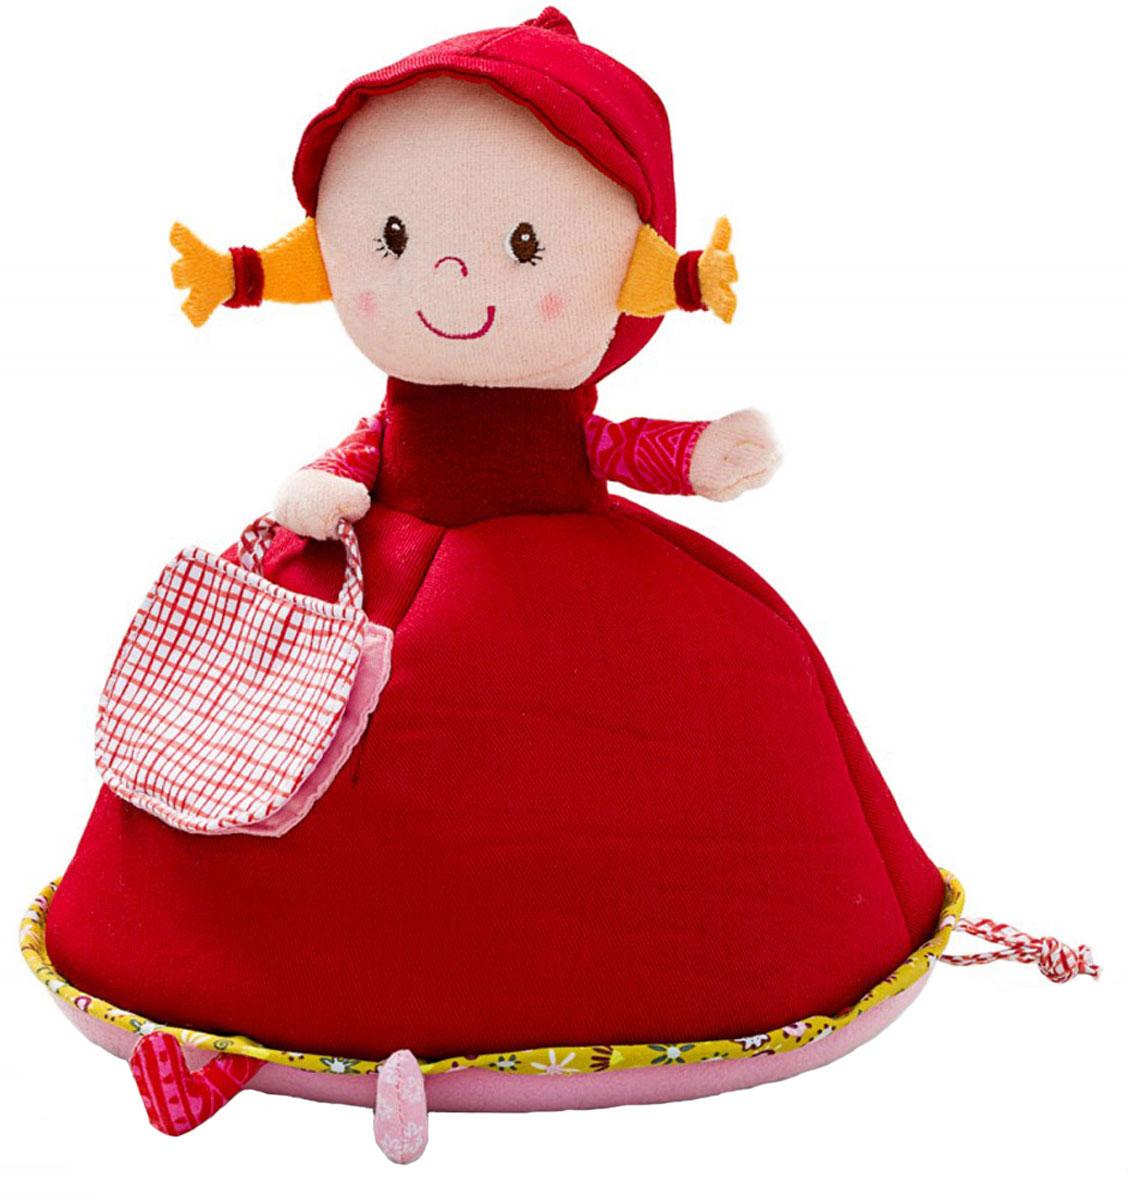 """Музыкальная копилка Lilliputiens """"Красная Шапочка"""" станет не только полезным  аксессуаром, который научит ребенка беречь денежки, но и чудесным  украшением детской комнаты! Она надежно сохранит монетки в своей  сумочке! Когда монетка опускается в отверстие, начинает звучать мелодия: """"Don"""